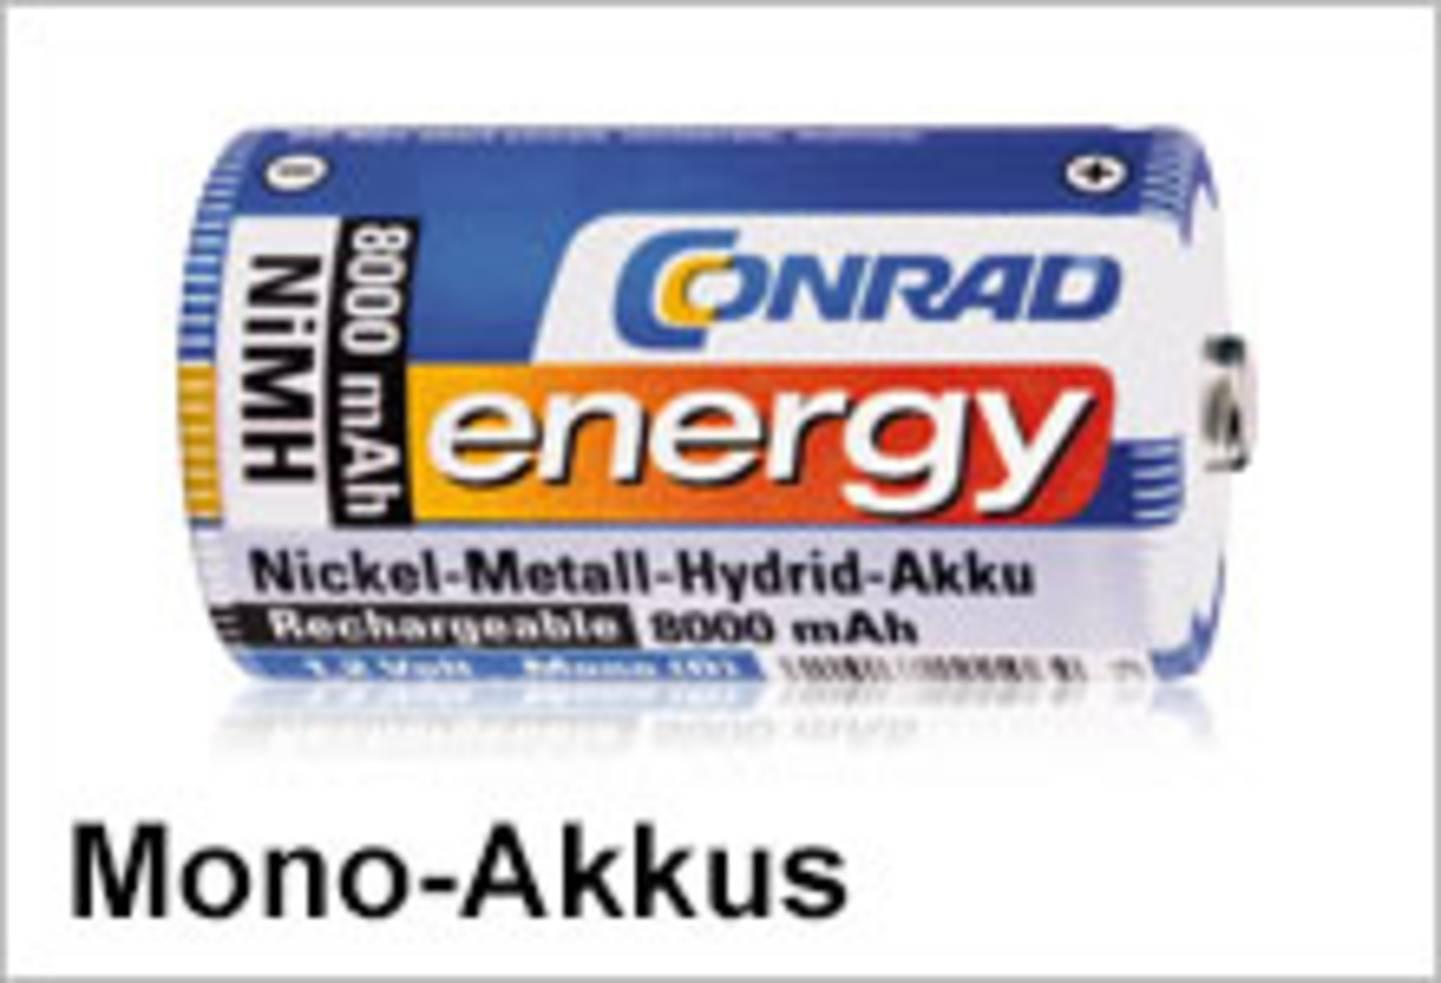 Conrad Energy Mono-Akkus